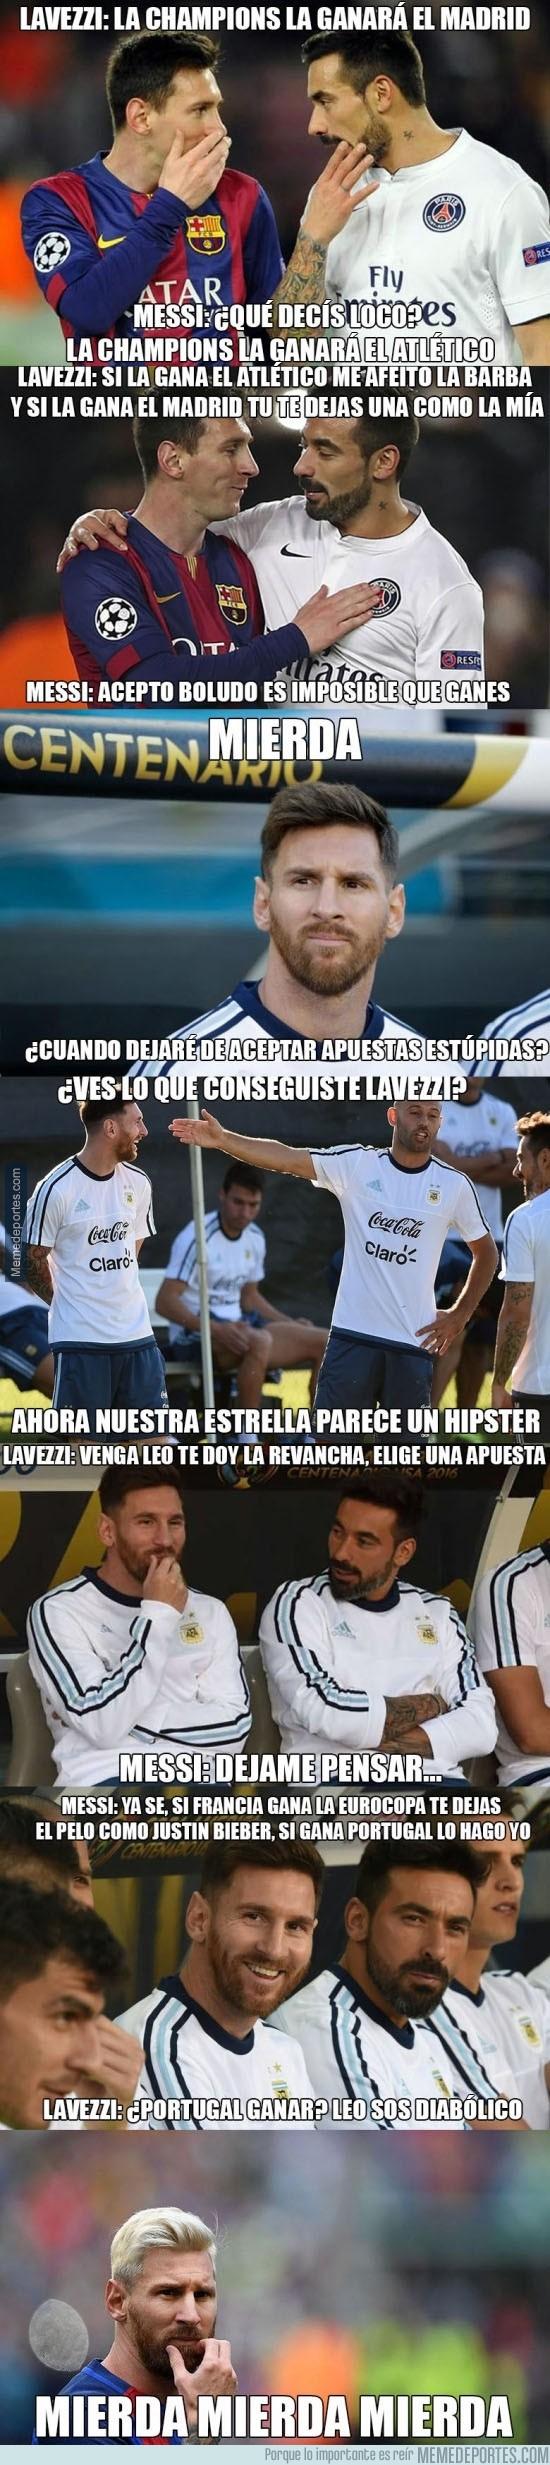 895597 - La verdad sobre el nuevo look de Messi